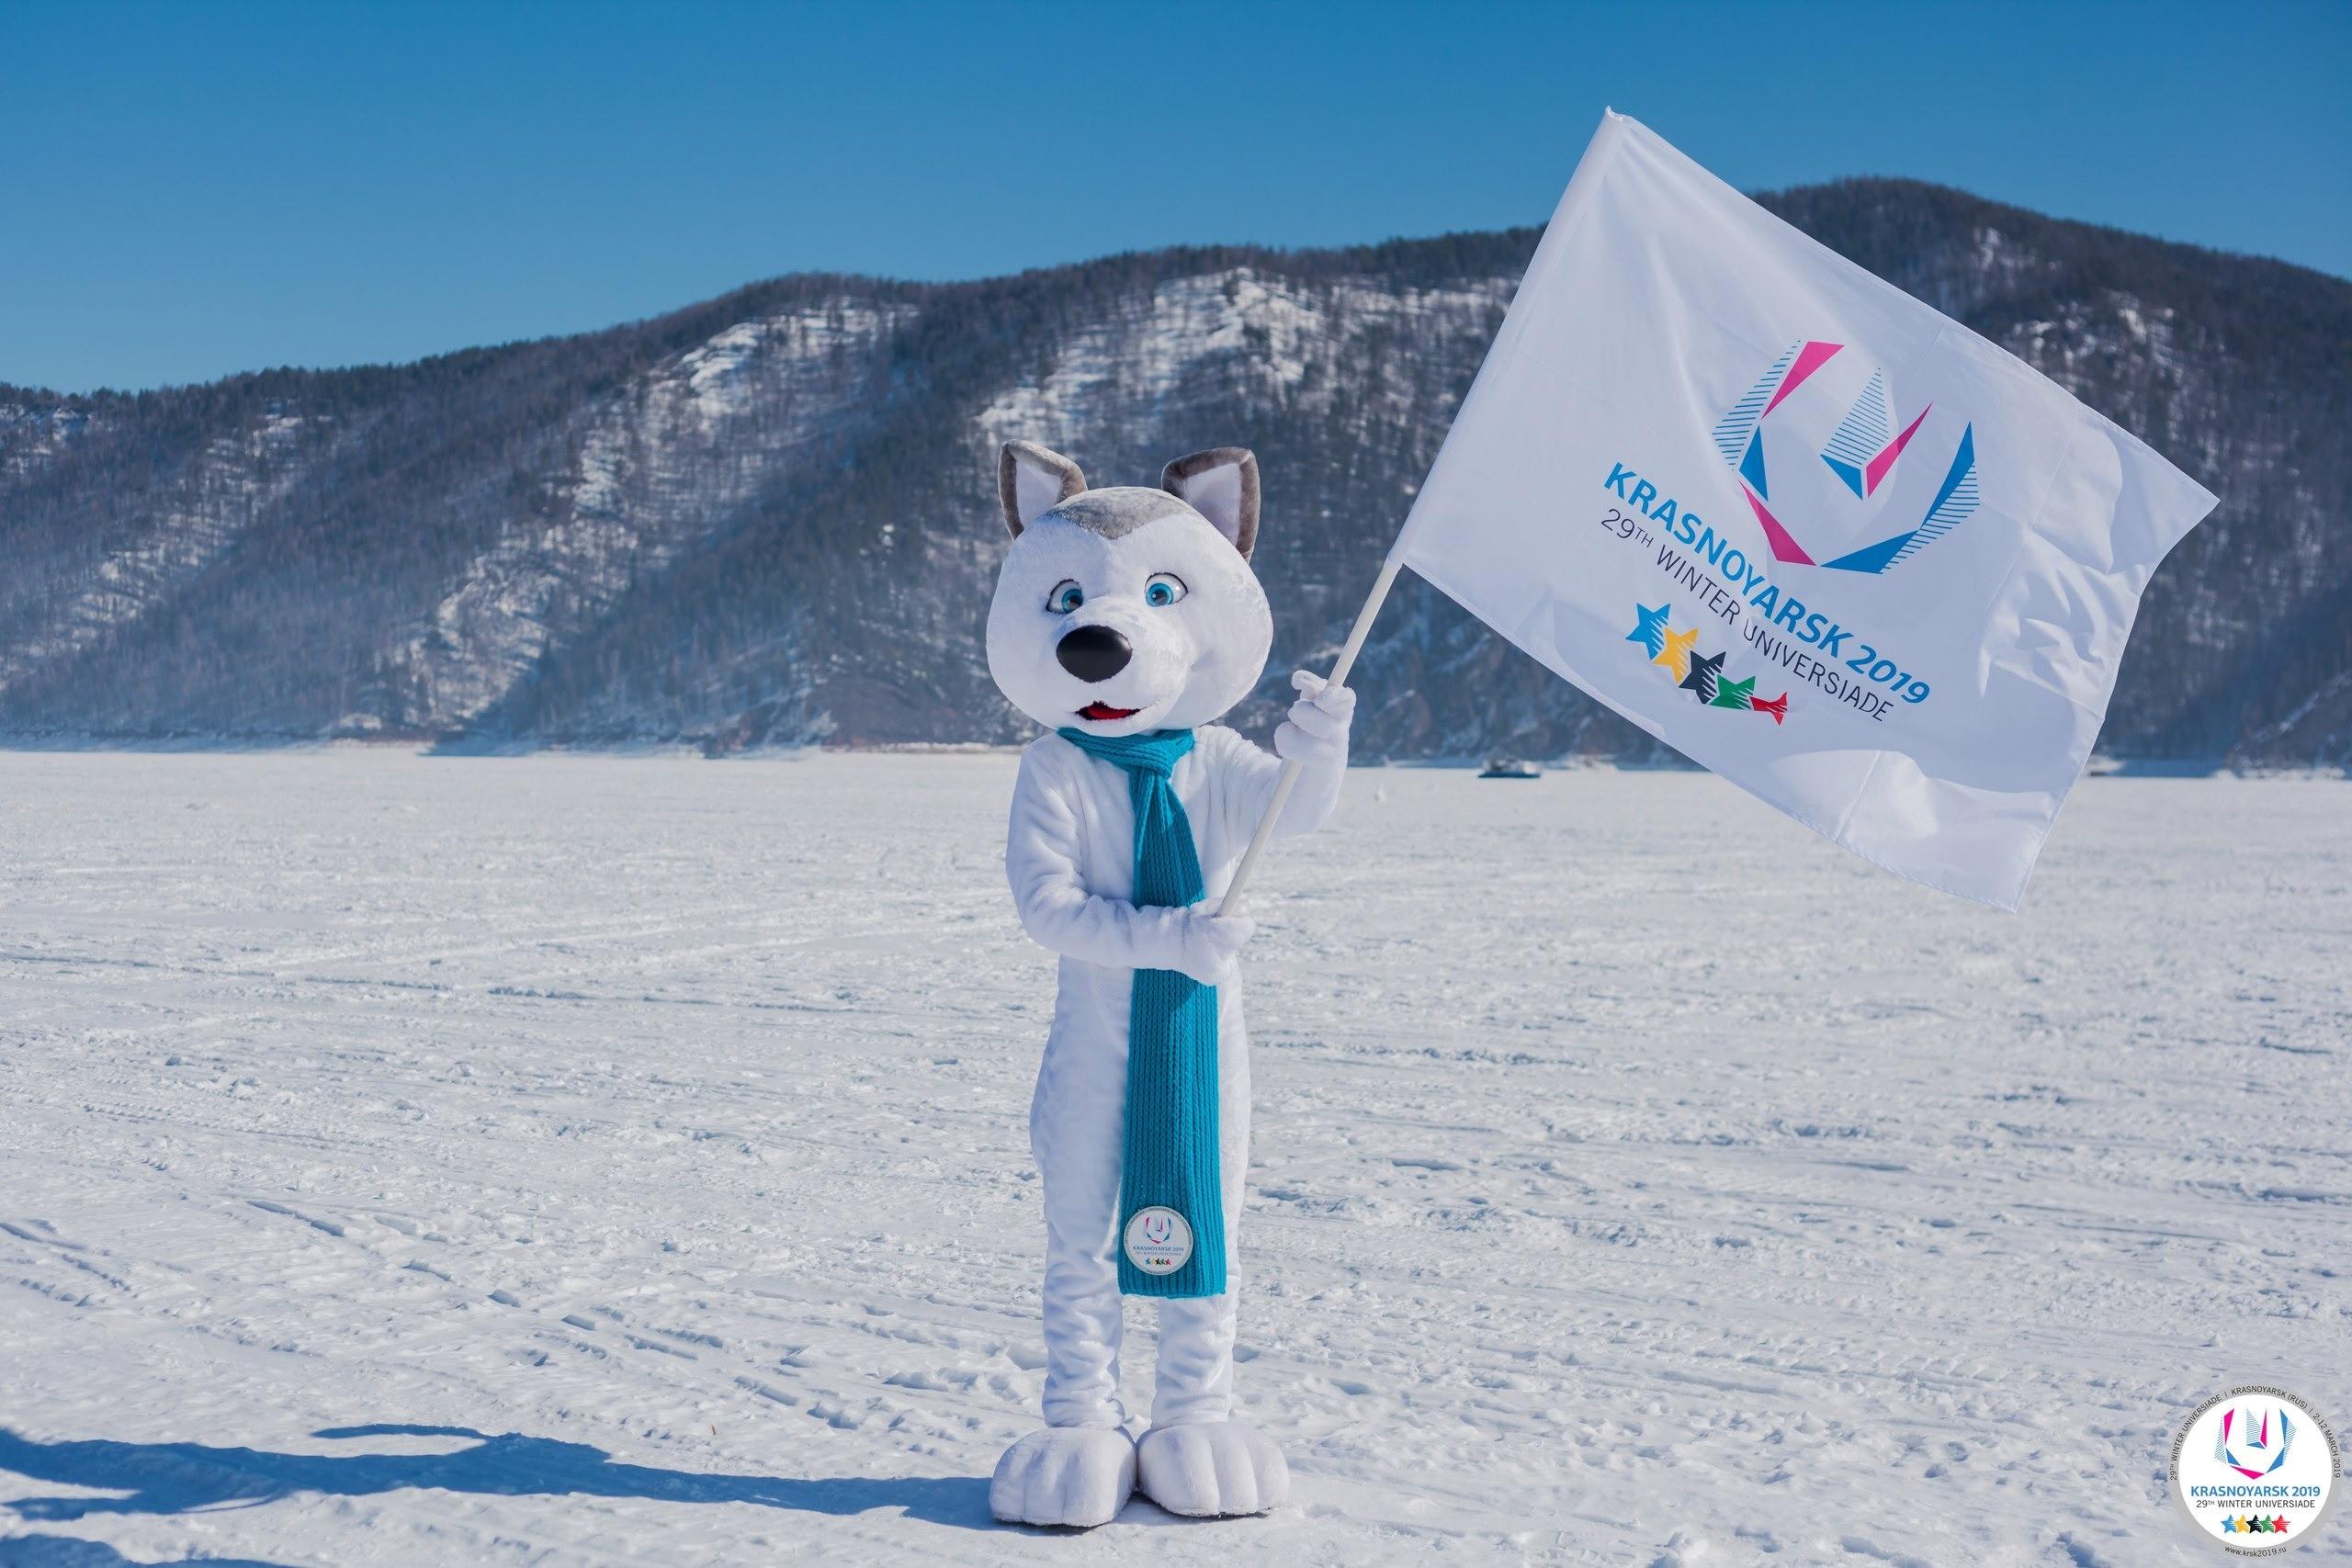 Знакомься, это талисман Зимней универсиады-2019, его зовут U-лайка. Прообразом послужили умные иверные сибирские лайки.